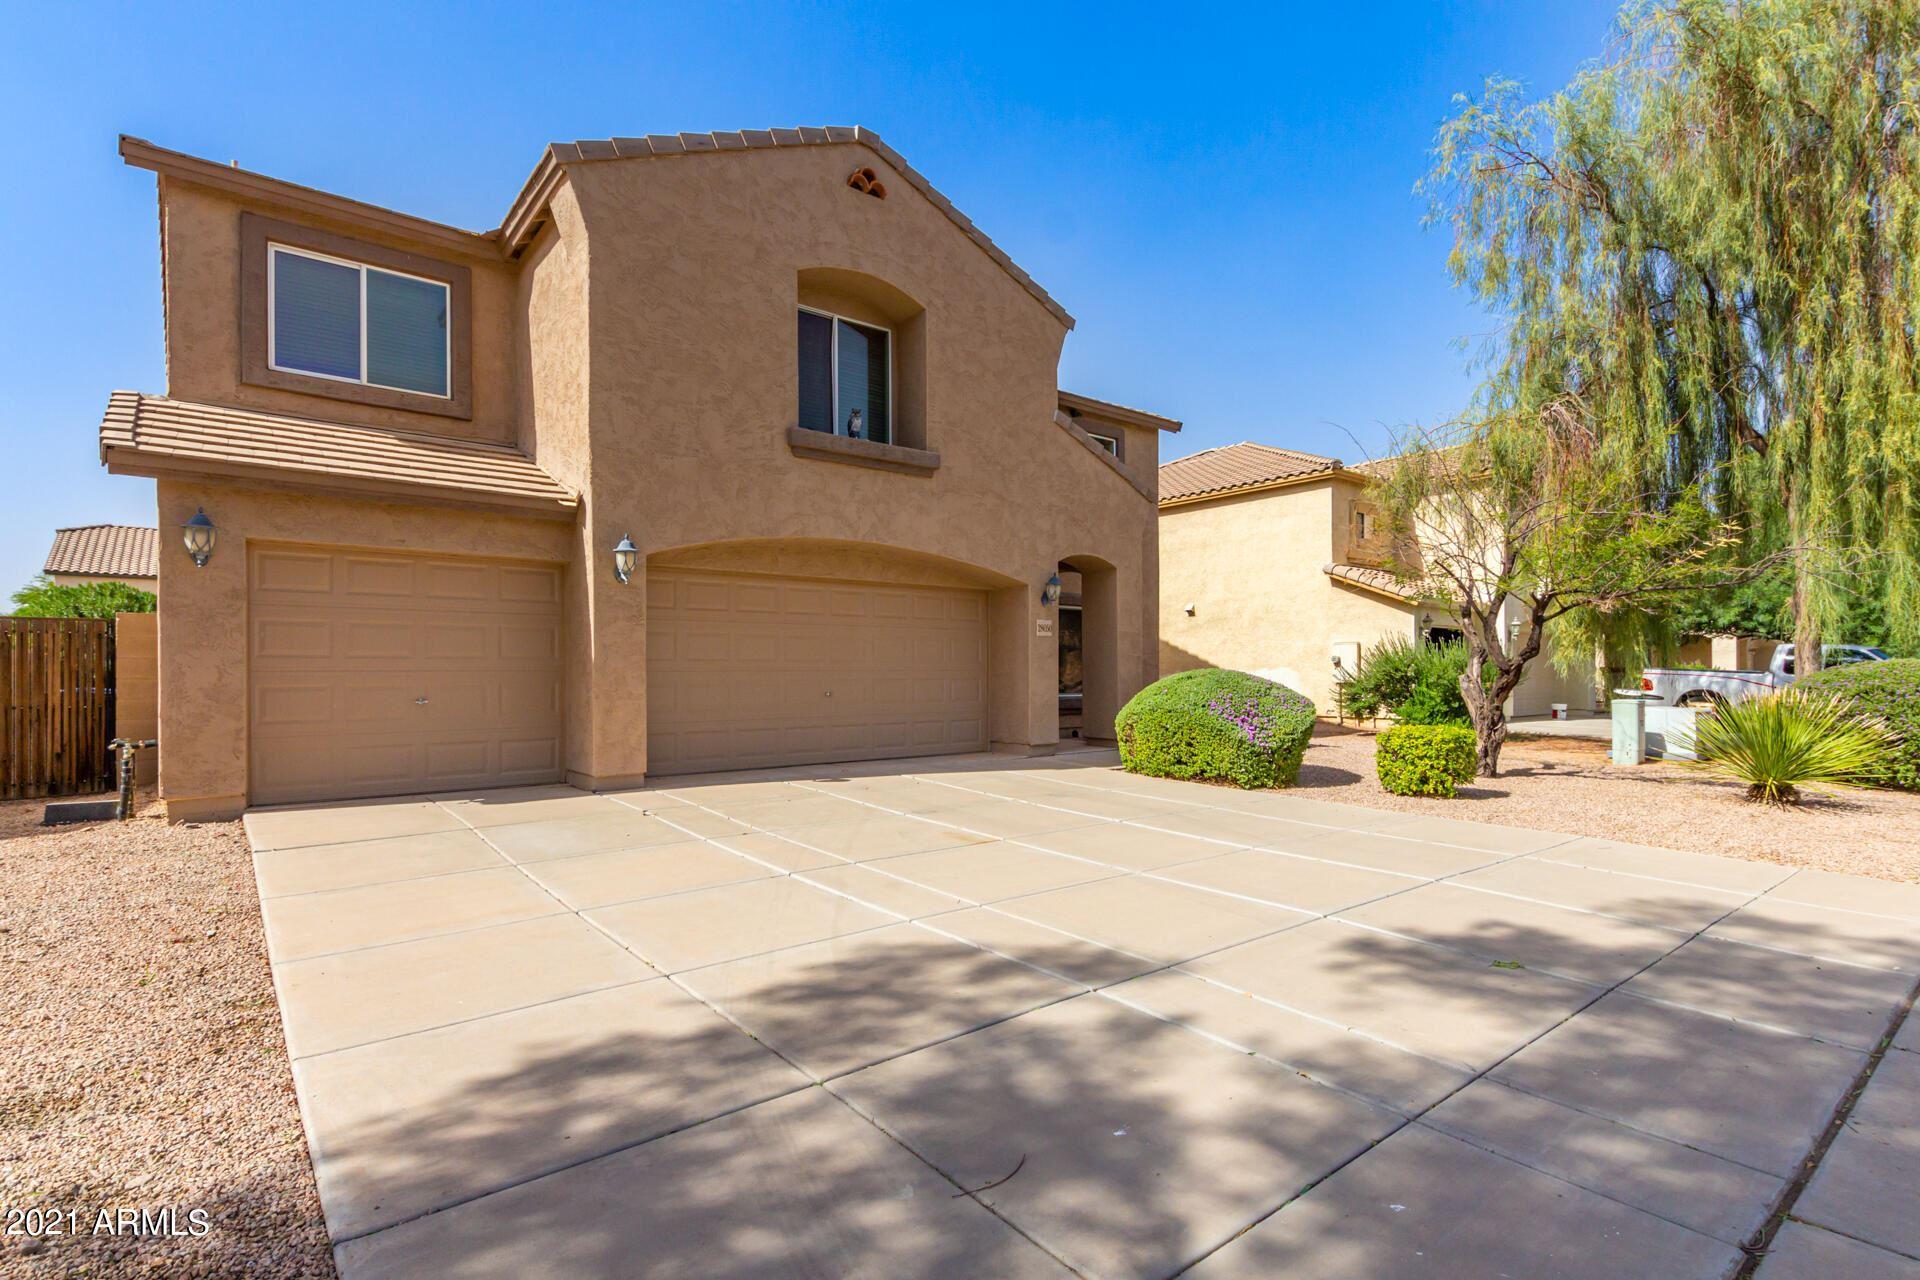 Photo of 28050 N LIMESTONE Lane, San Tan Valley, AZ 85143 (MLS # 6306983)